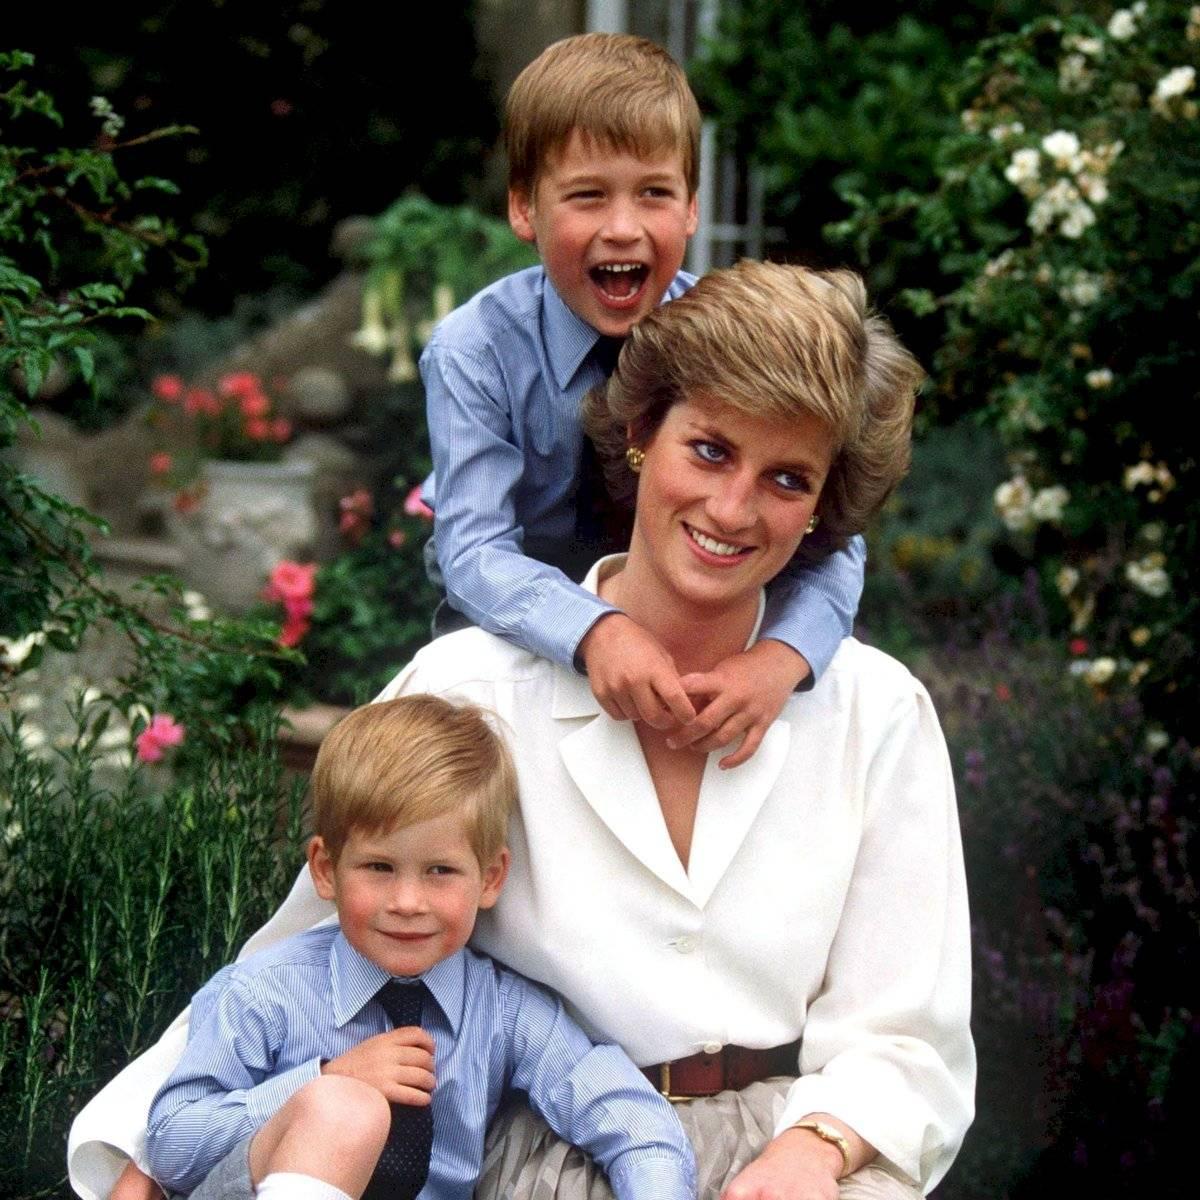 El principe William no quería que su madre se volviera a casar